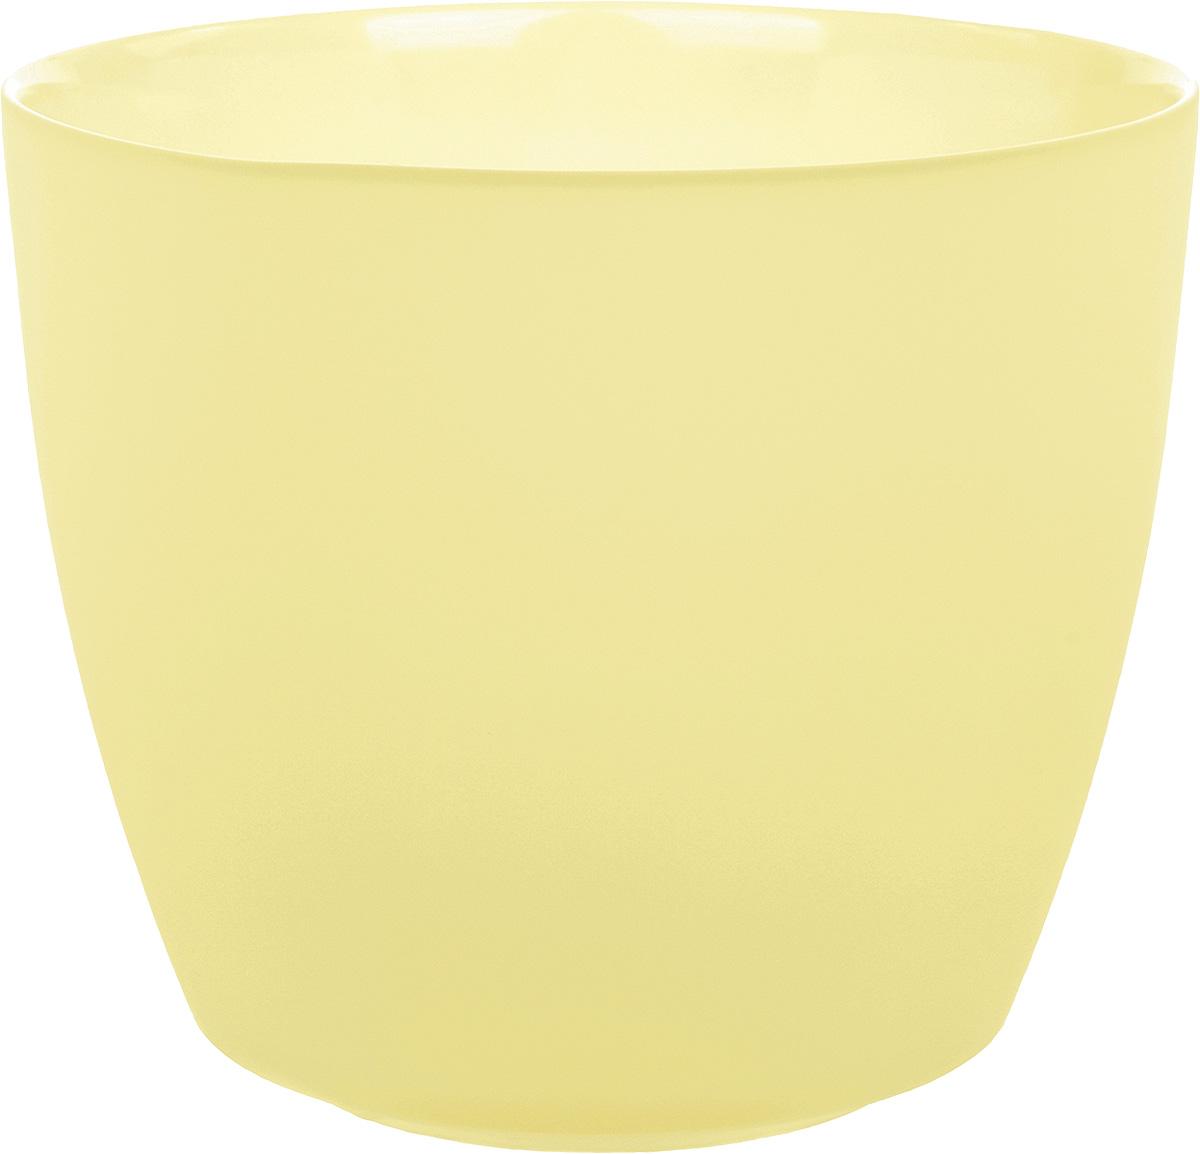 Кашпо Nina Glass НТ-2, цвет: ваниль, 1 лNG93-225VПродукция завода под брендом NinaGlass известна российскому потребителю необычностью форм и оригинальным декорированием. Главным достоинством стеклянных горшков является отсутствие пористости на их внутренней поверхности, что делает безопасной смену растительного состава. Предприятие производит два вида изделий для флористов:- стеклянные цветочные горшки с отверстием в дне для посадки в них цветов и растений и подставкой под горшок в виде блюдца;- кашпо без отверстия для укладки в них пластиковых контейнеров с цветами и растениями.Горшки и кашпо изготавливаются из опалового триплексного (тройного) стекла с различными видами декорирования водо- и износостойкими красками. Возможна окраска изделий изнутри. Матовая поверхность и окраска изнутри создают объемный эффект, а сами цвета очень мягкие и приятные. Также интересны и формы изделий, выполненные методом центробежного формования: - горшки НТ - современная модель горшка с поддоном, которые смотрятся как единое целое и обладают устойчивым широким дном;- кашпо НТ - глубокие, с небольшим радиусом выпуклости, хорошим широким дном. Кашпо-подсвечники в форме куба можно считать дополнительной опцией: вы можете оформить интерьер не только оригинальными горшками и кашпо, но также весьма привлекательными подсвечниками.Доступны 5 размеров горшков и кашпо и 3 размера кашпо-кубов. Продукция TM NinaGlass безопасна, функциональна, прочна и уникальна. Горшки и кашпо способны создать неповторимое настроение и стать центром интерьера в любом помещении.